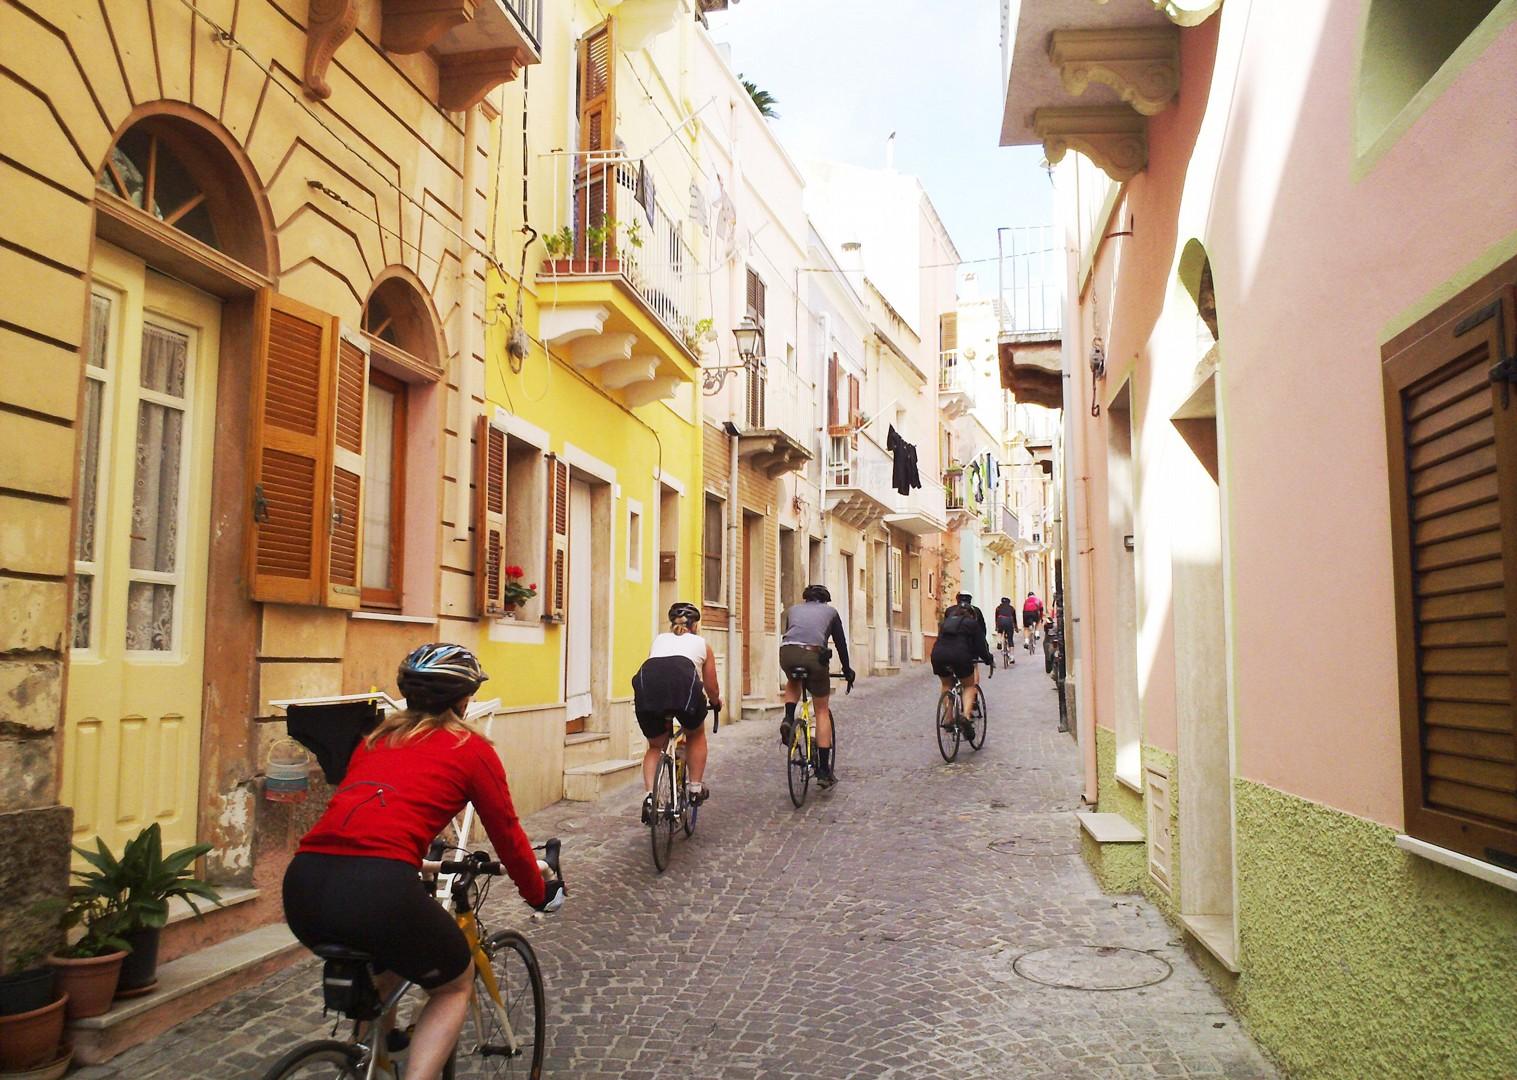 Road-Cycling-Holiday-Coastal-Explorer-Sardinia-Italy-Alghero-to-Bosa.jpg - Italy - Sardinia - Coastal Explorer - Self Guided Road Cycling Holiday - Italia Road Cycling